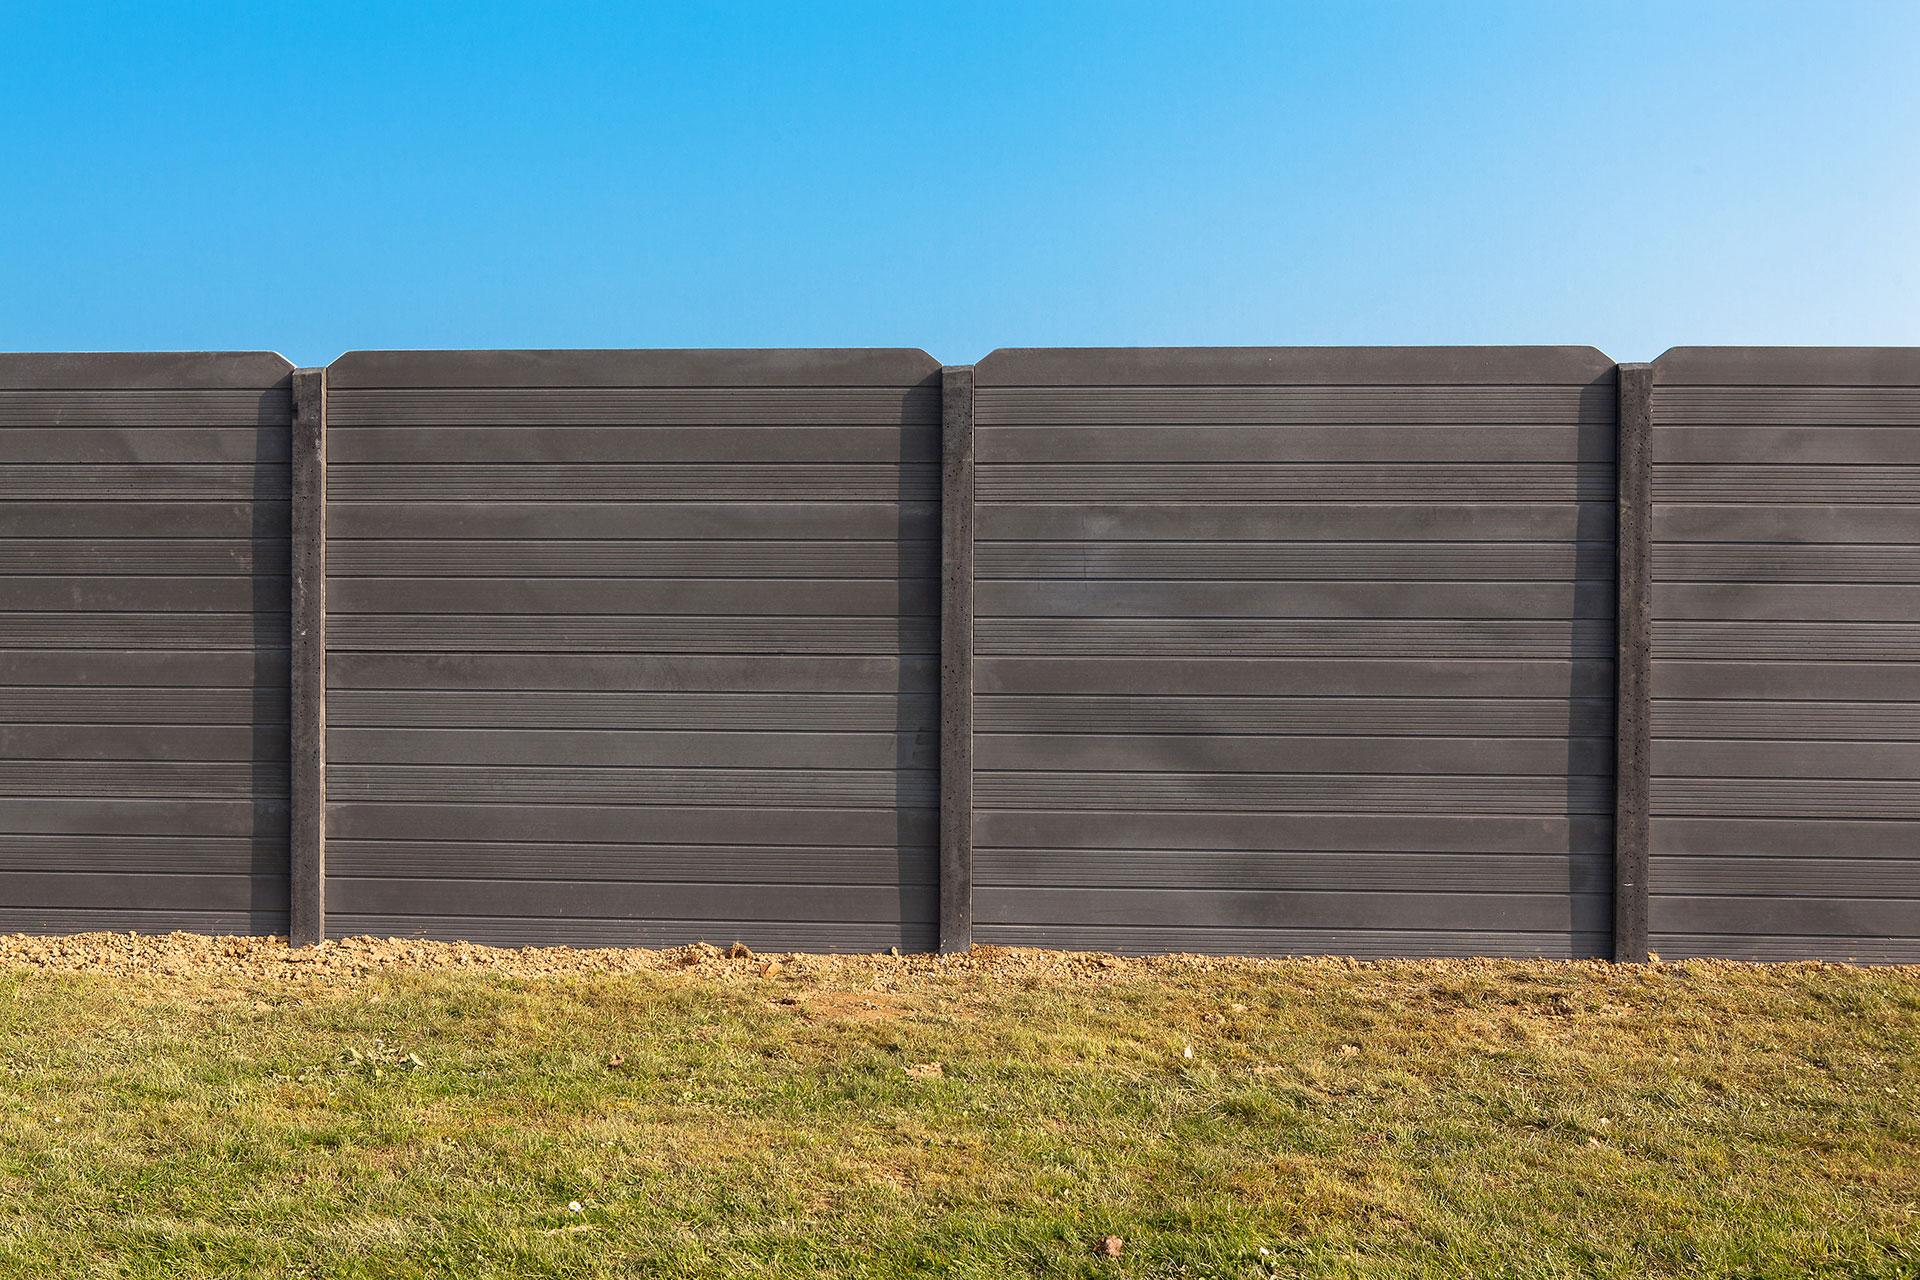 Rousseau Clôtures - Spécialiste en fabrication de clôture béton